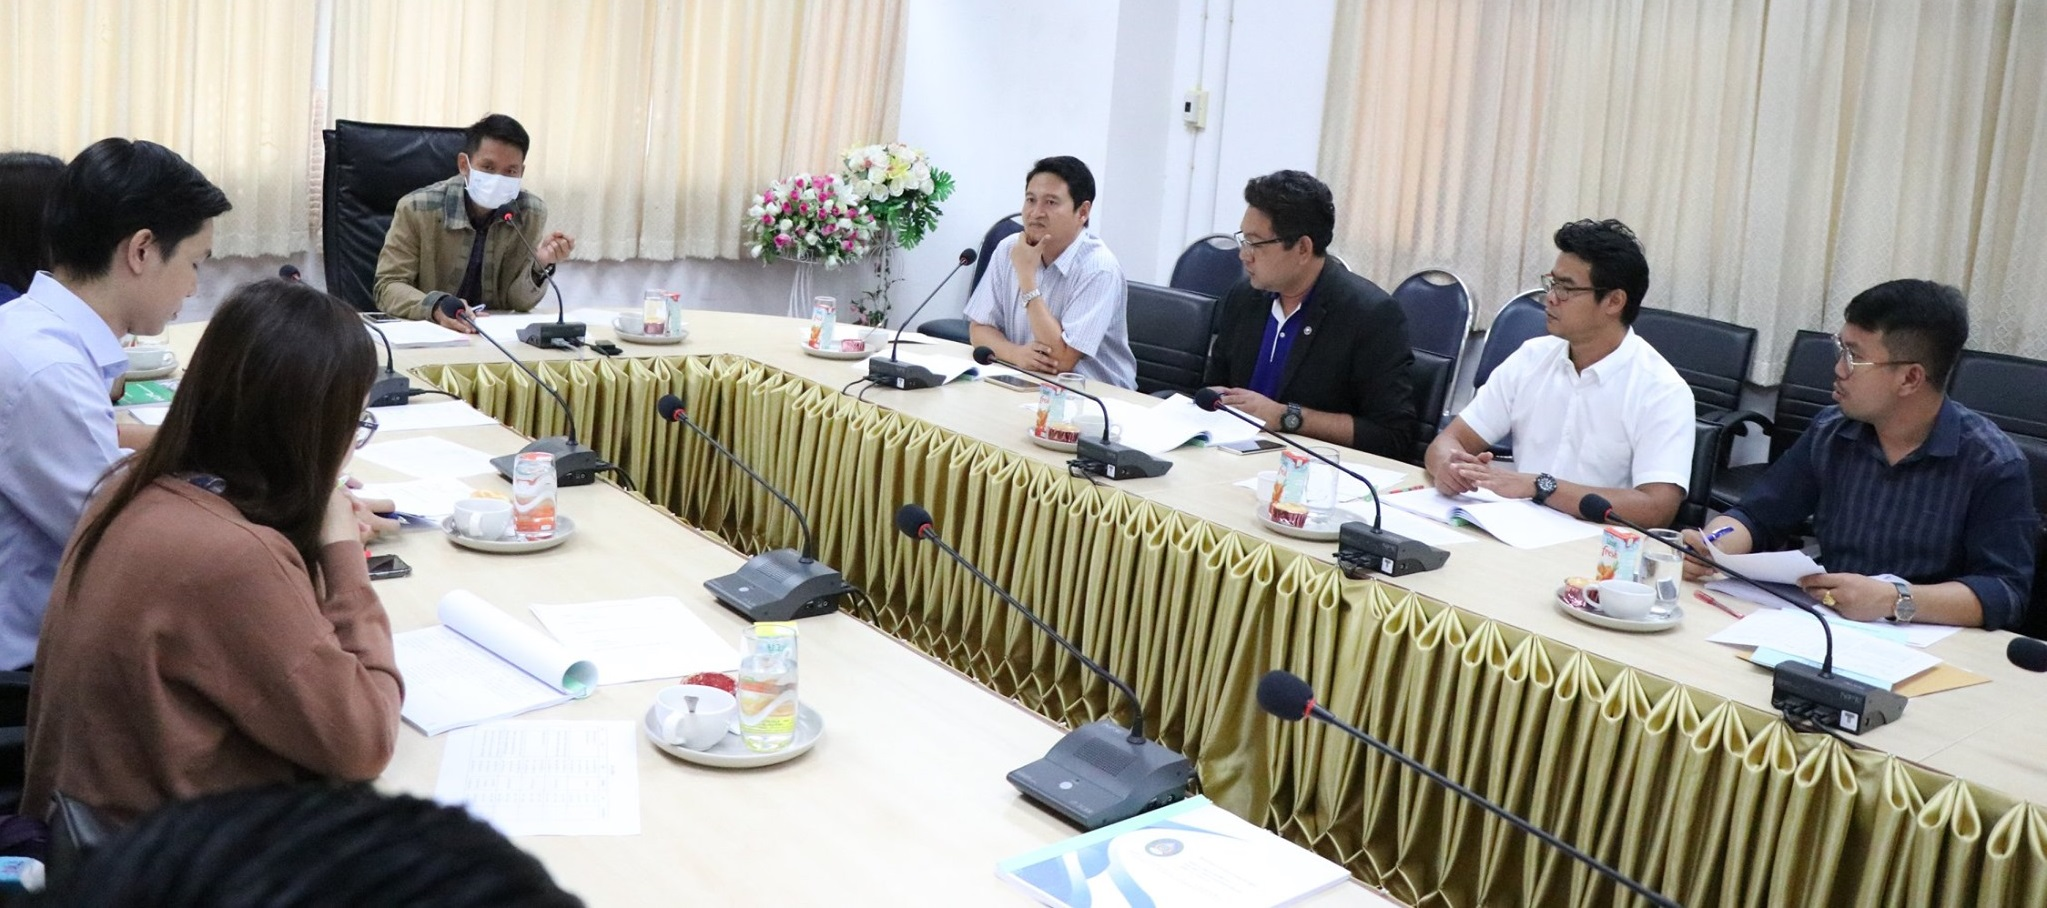 ประชุมคณะกรรมการบริหาร วิทยาลัยการจัดการและพัฒนาท้องถิ่น ครั้งที่ 12 (1/2563)